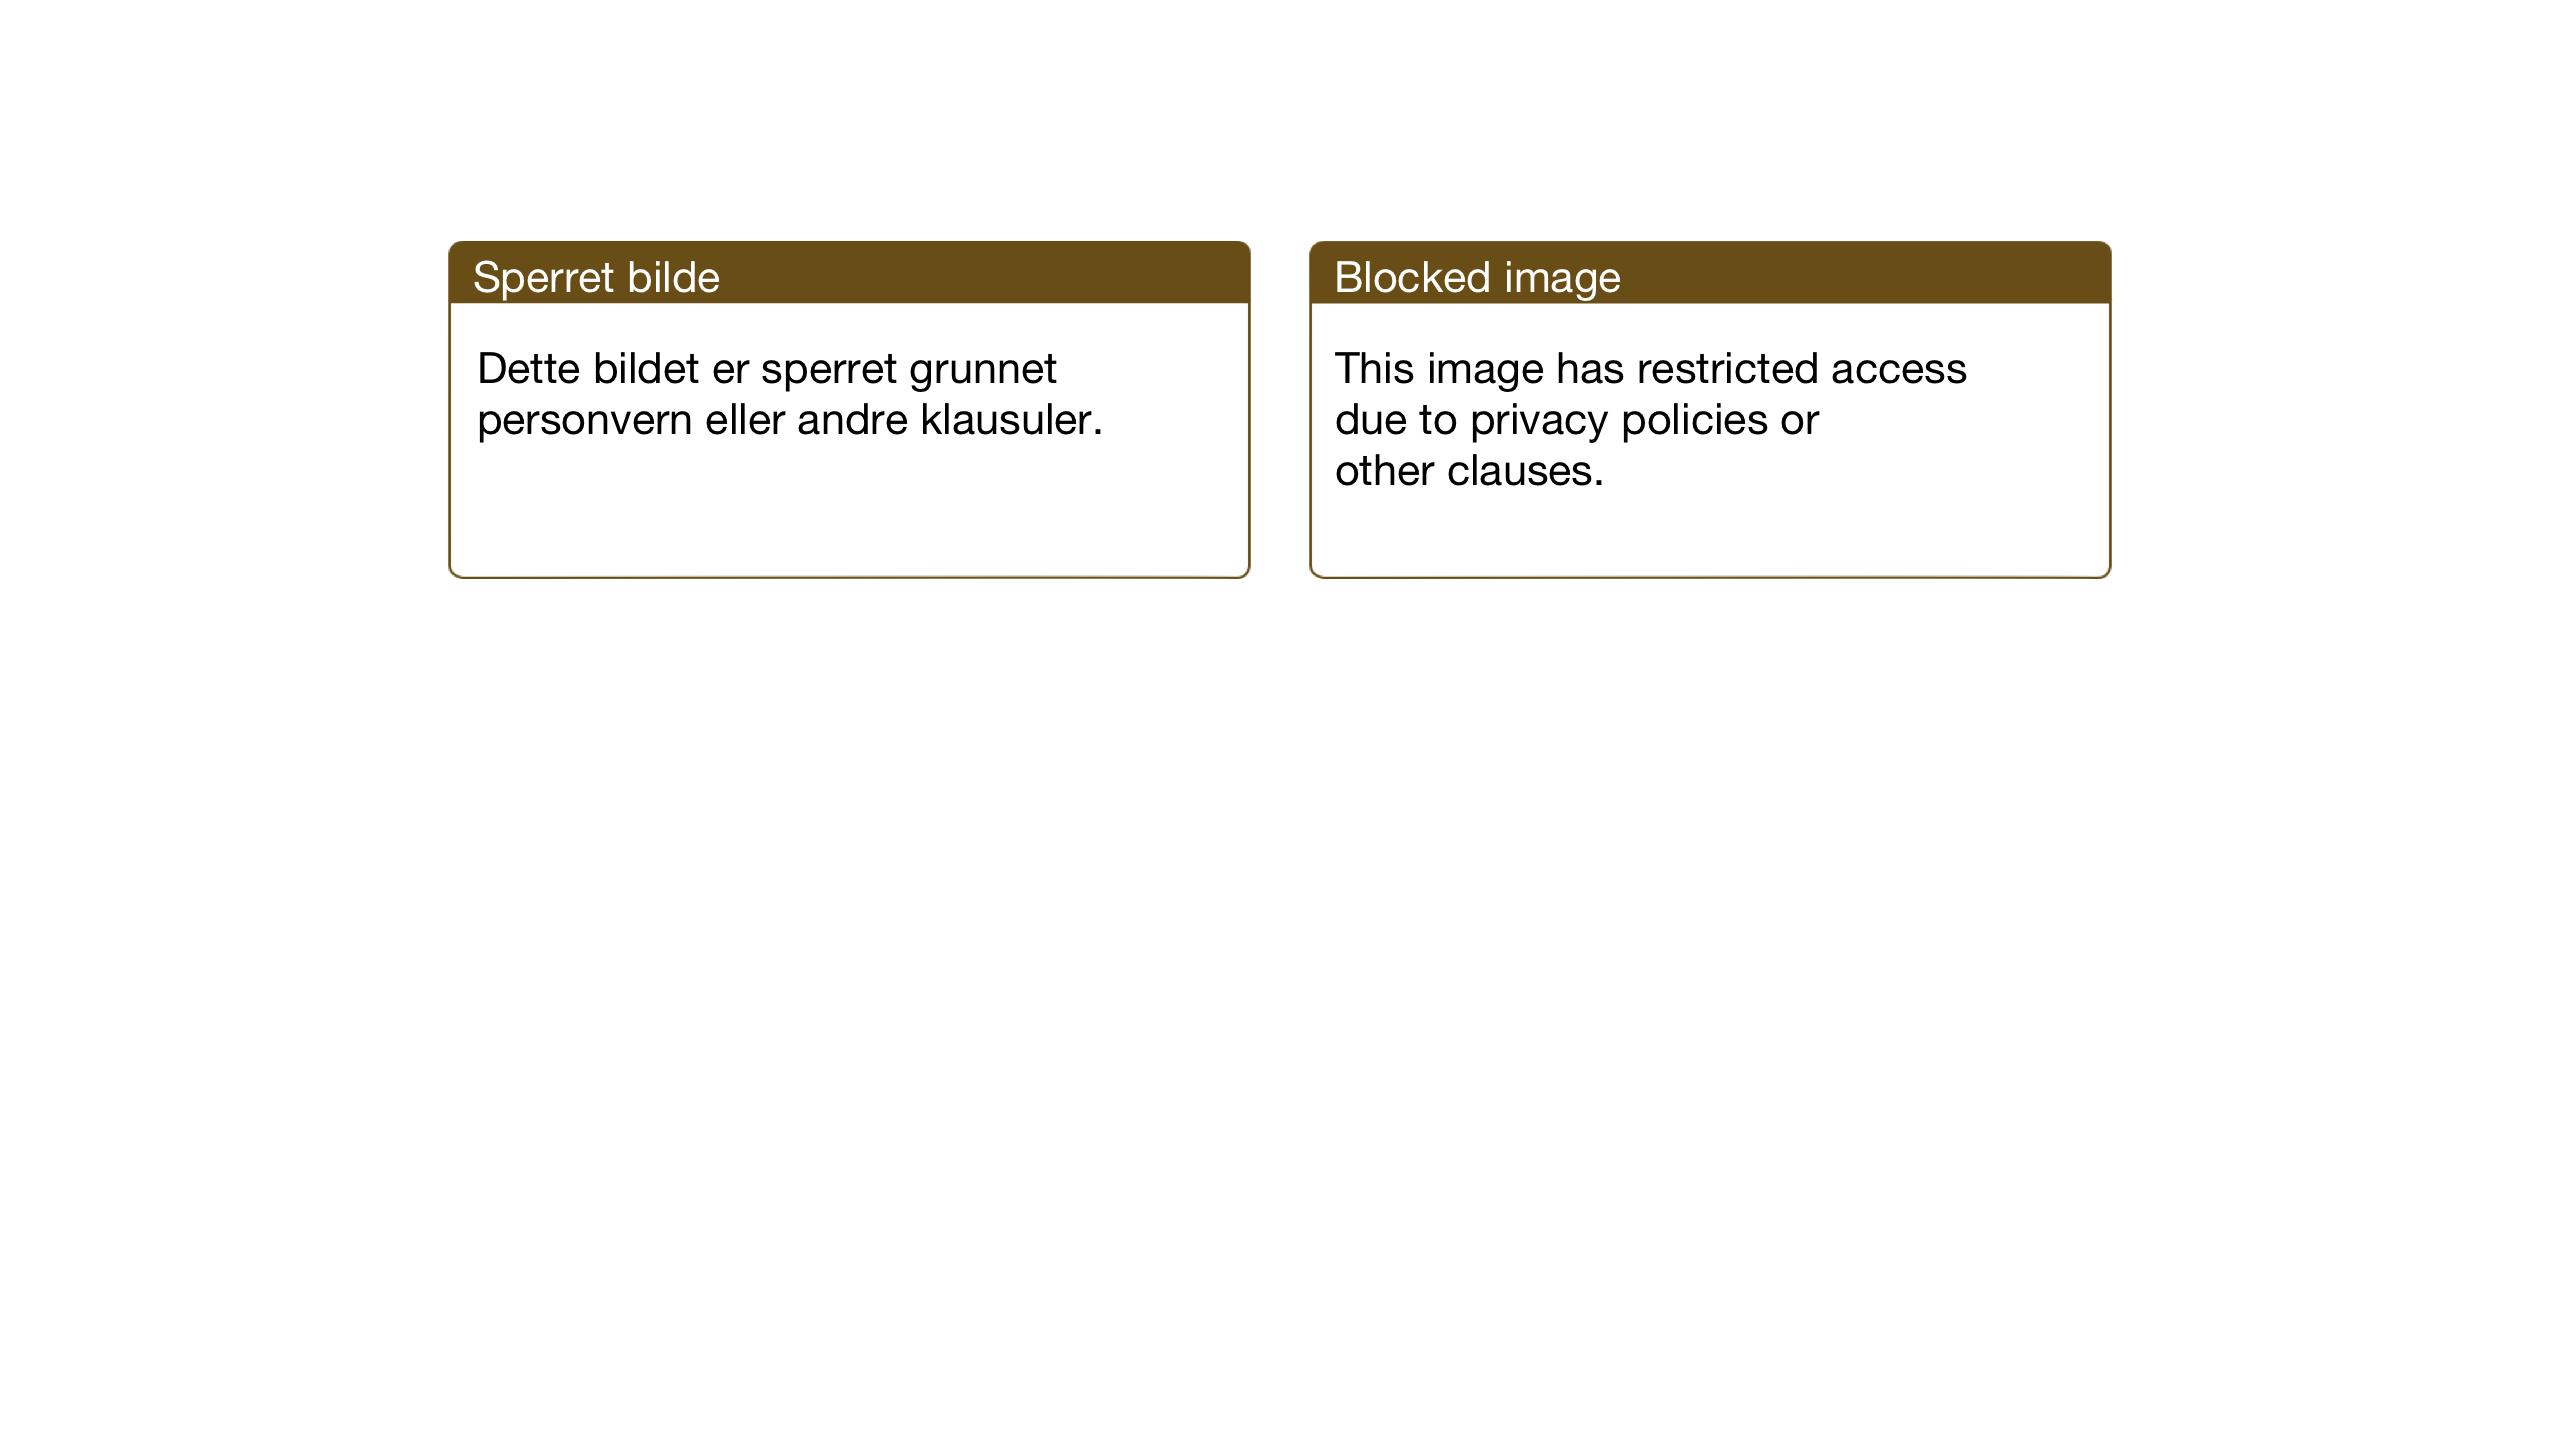 SAT, Ministerialprotokoller, klokkerbøker og fødselsregistre - Sør-Trøndelag, 659/L0747: Klokkerbok nr. 659C04, 1913-1938, s. 136